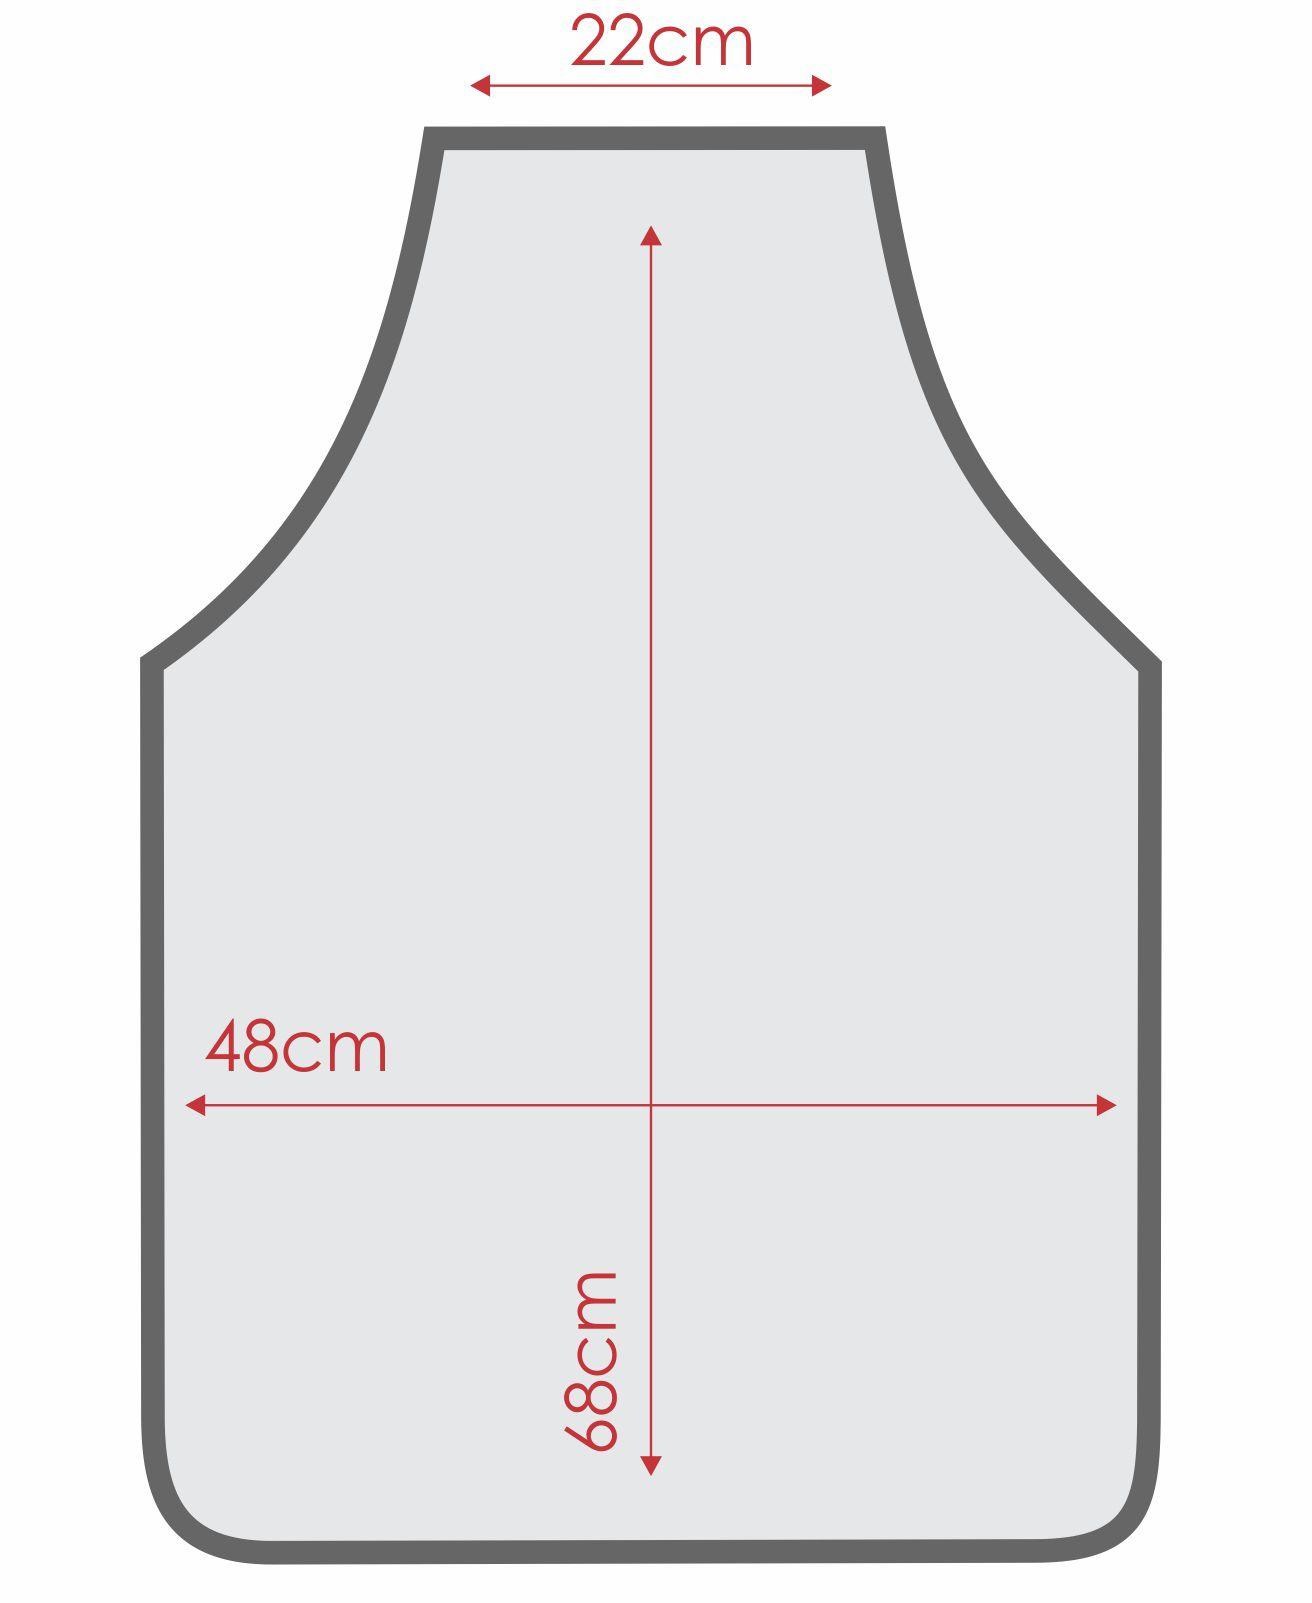 Avental  De Cozinha Liso com Touca de Oxford  - RECANTO DA COSTURA